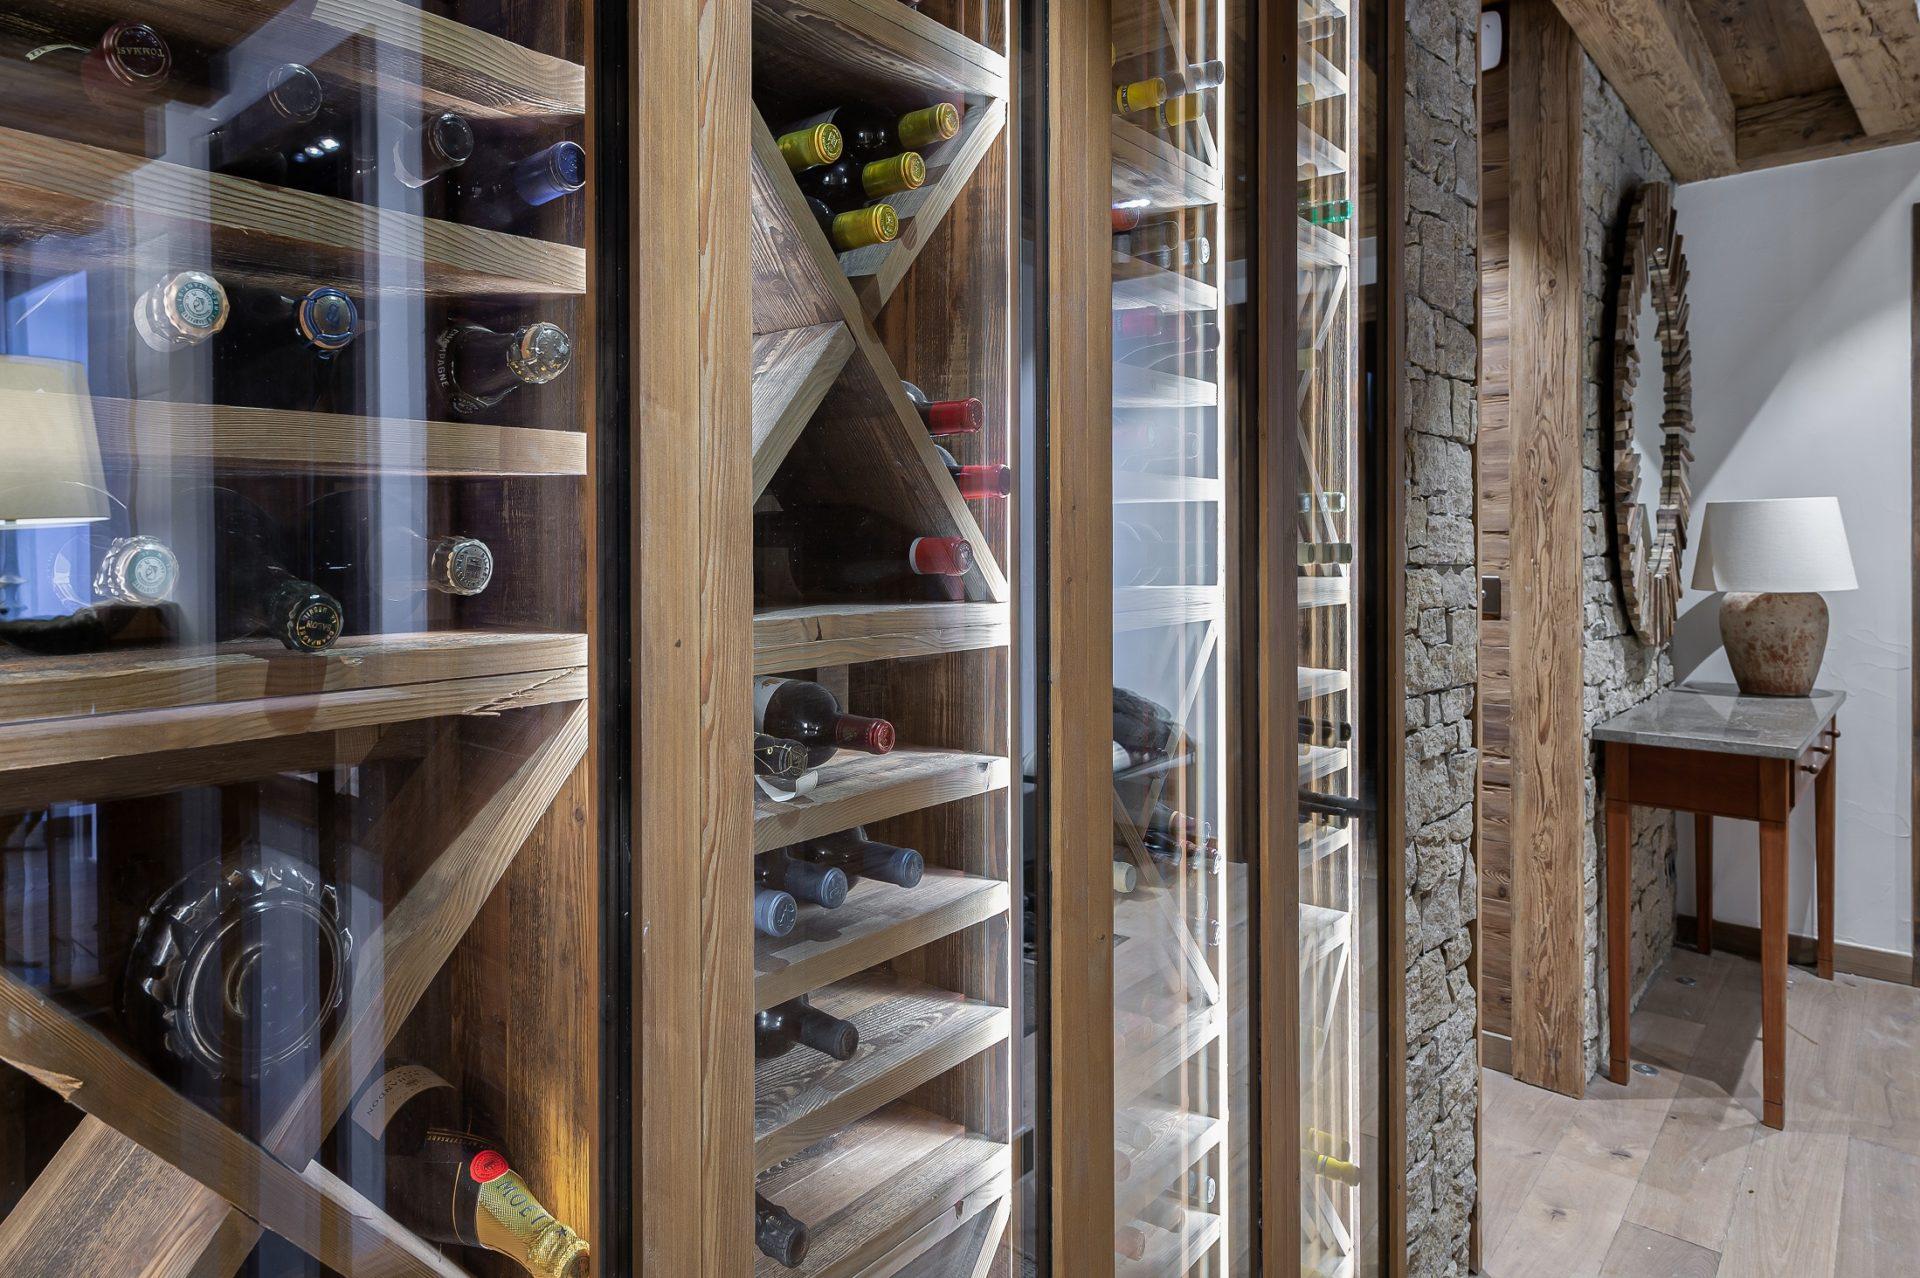 L'Epicerie / Appartement 1 / cave à vin / Saint Martin de Belleville, Savoie